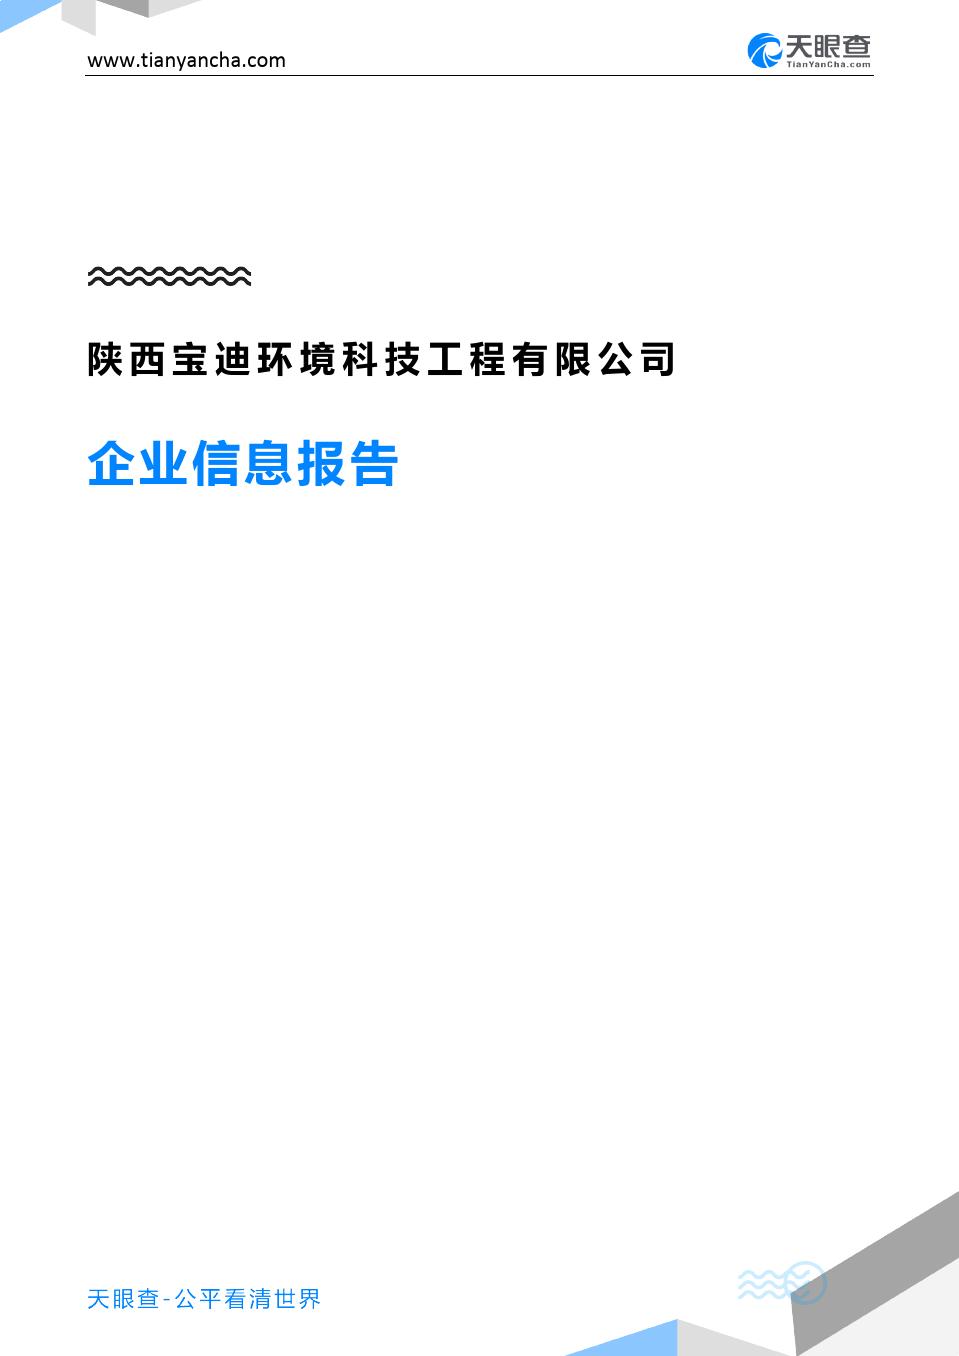 陕西宝迪环境科技工程有限公司企业信息报告-天眼查